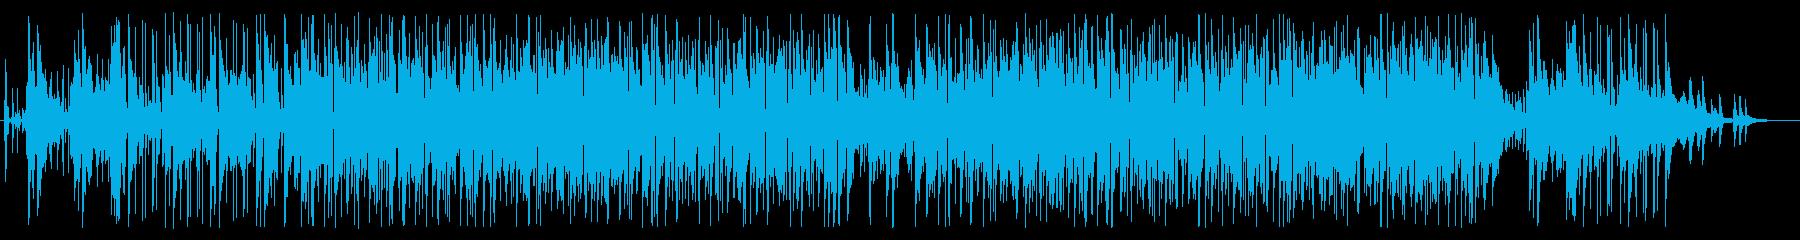 明るく爽やかな軽いBGMの再生済みの波形